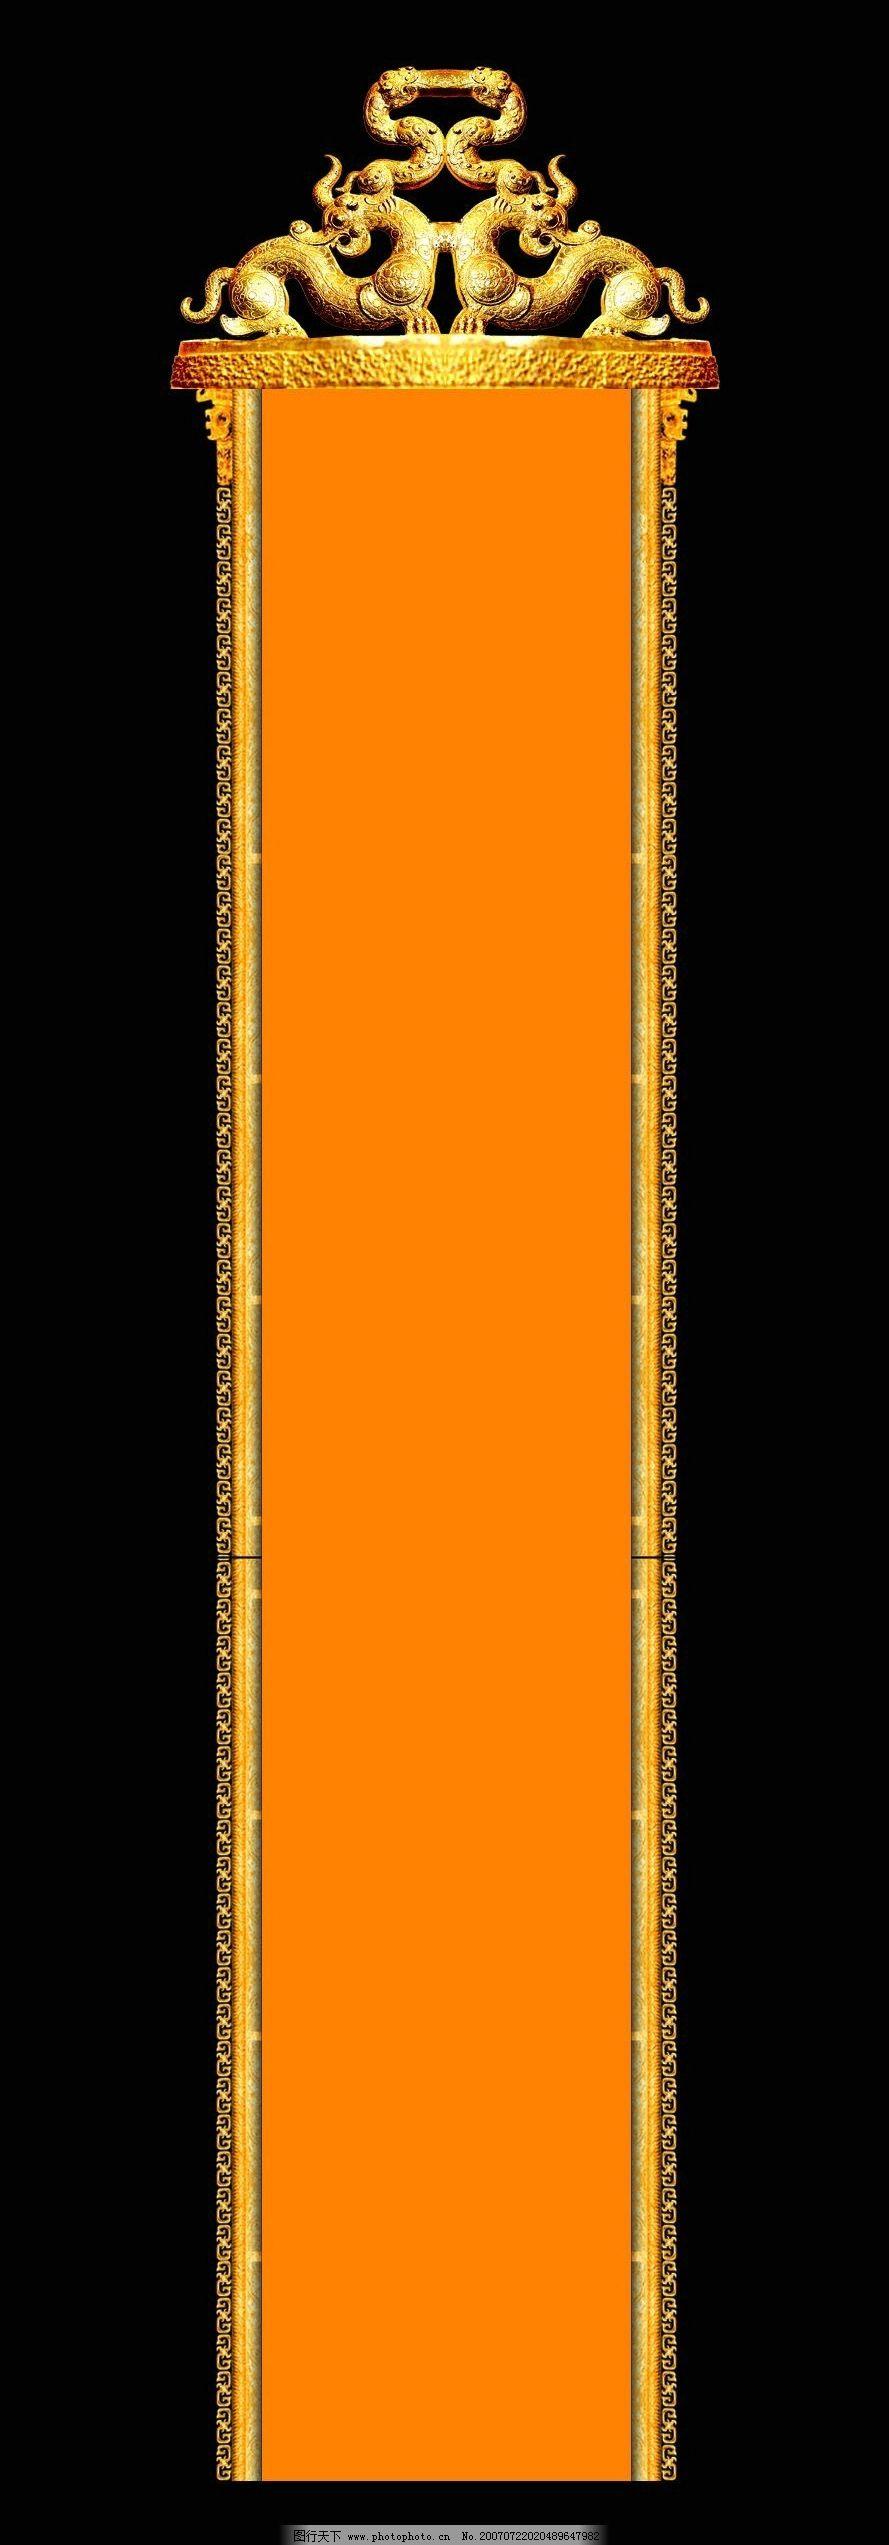 边框素材 ps边框 古典边框 边框 古边框图片 设计图 底纹边框 边框